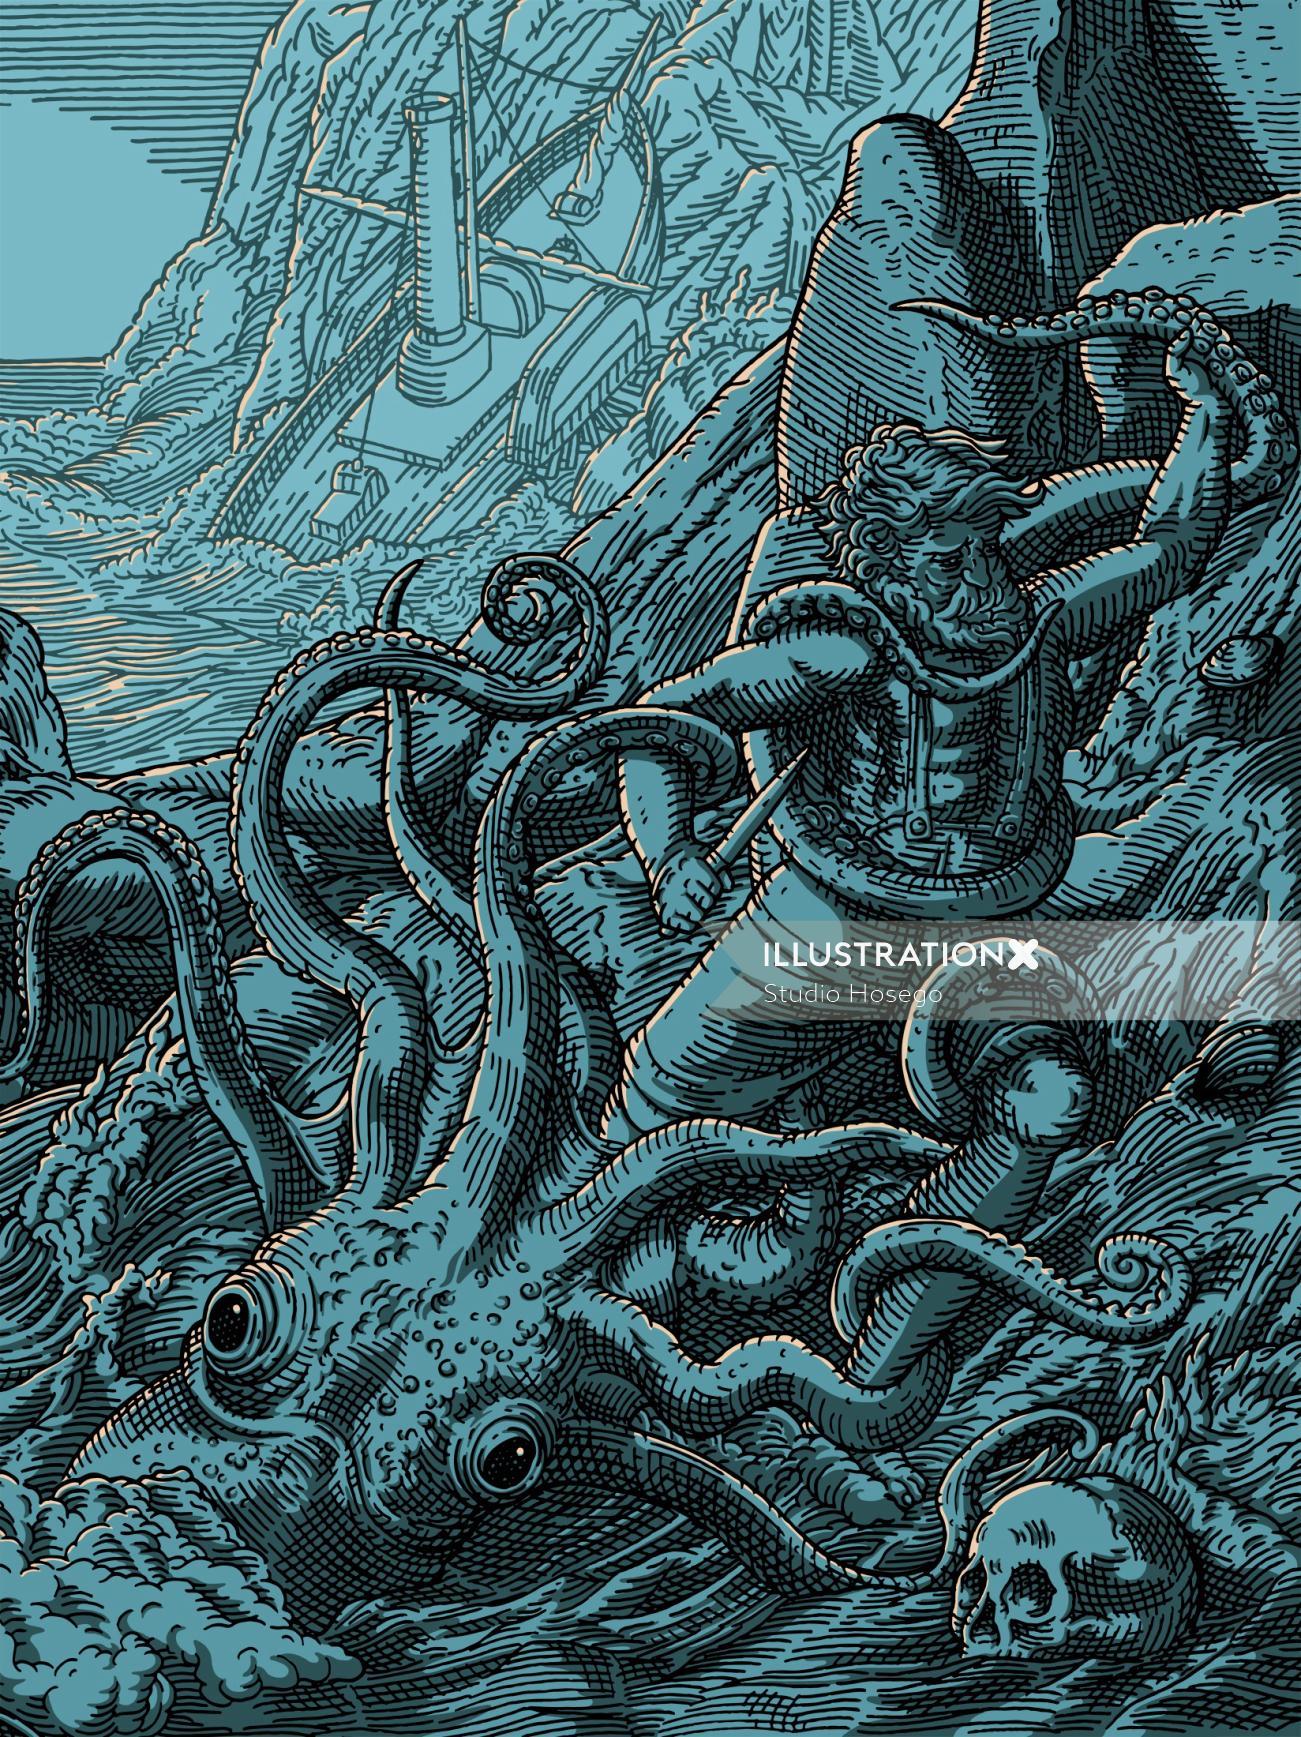 Historical illustration of kraken battle